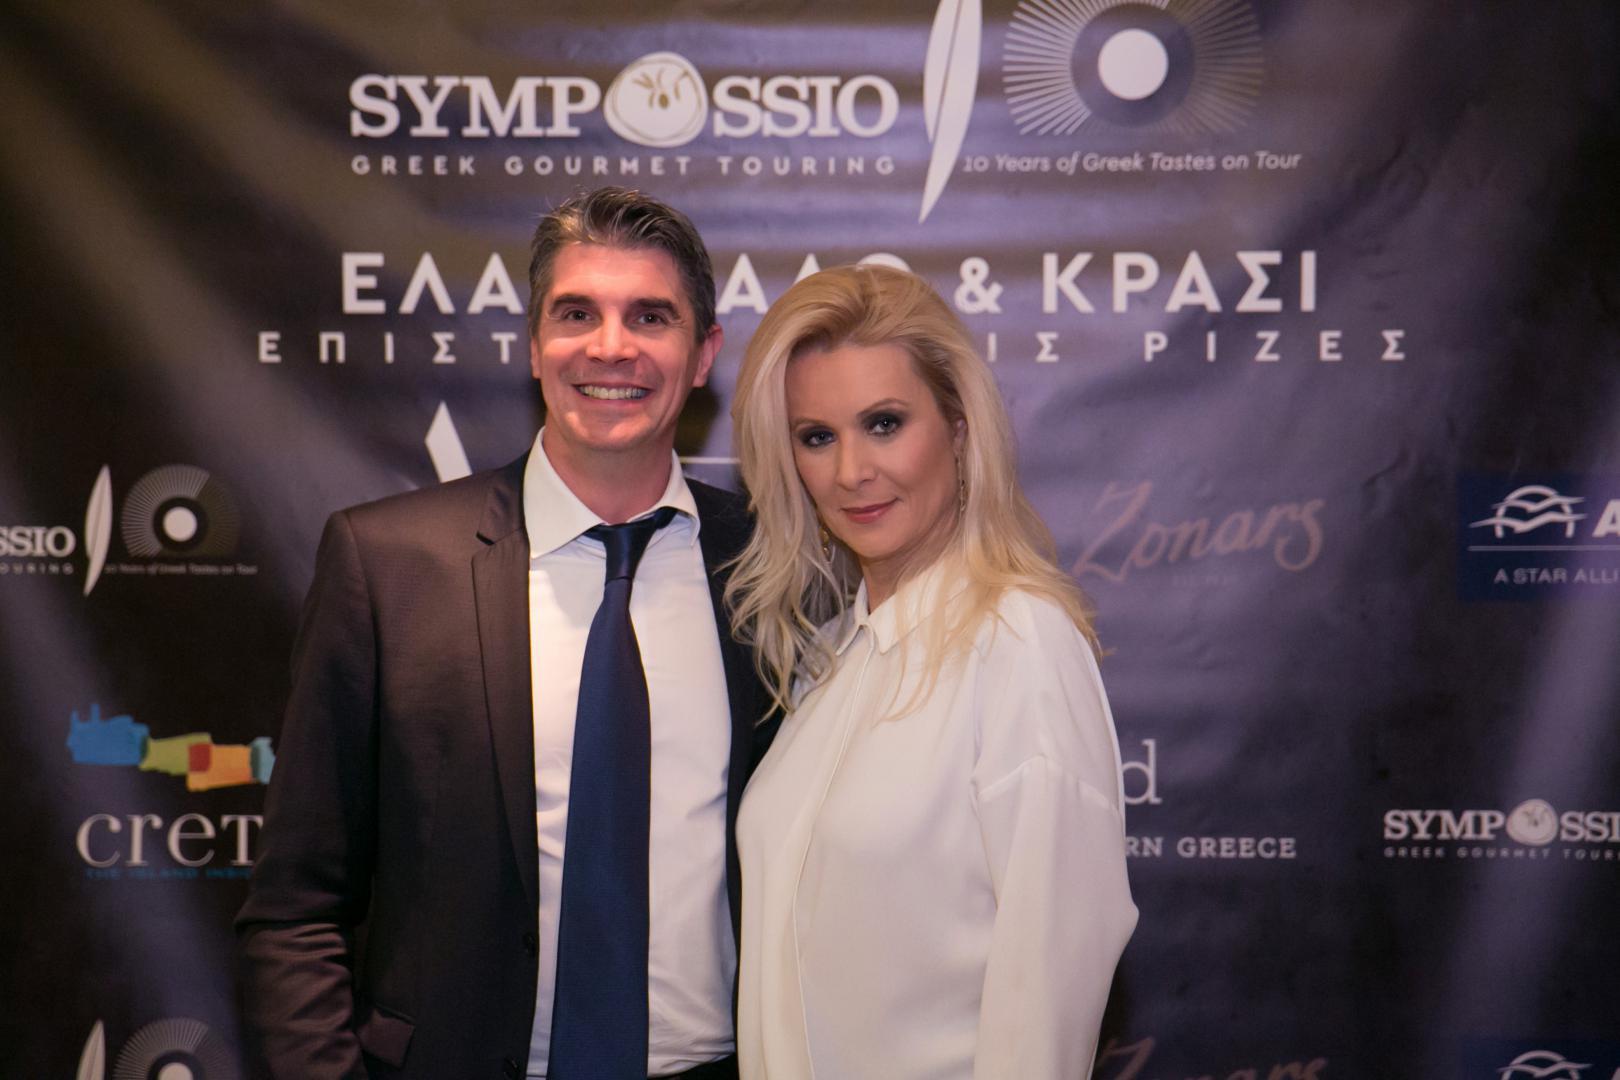 Sympossio Greek